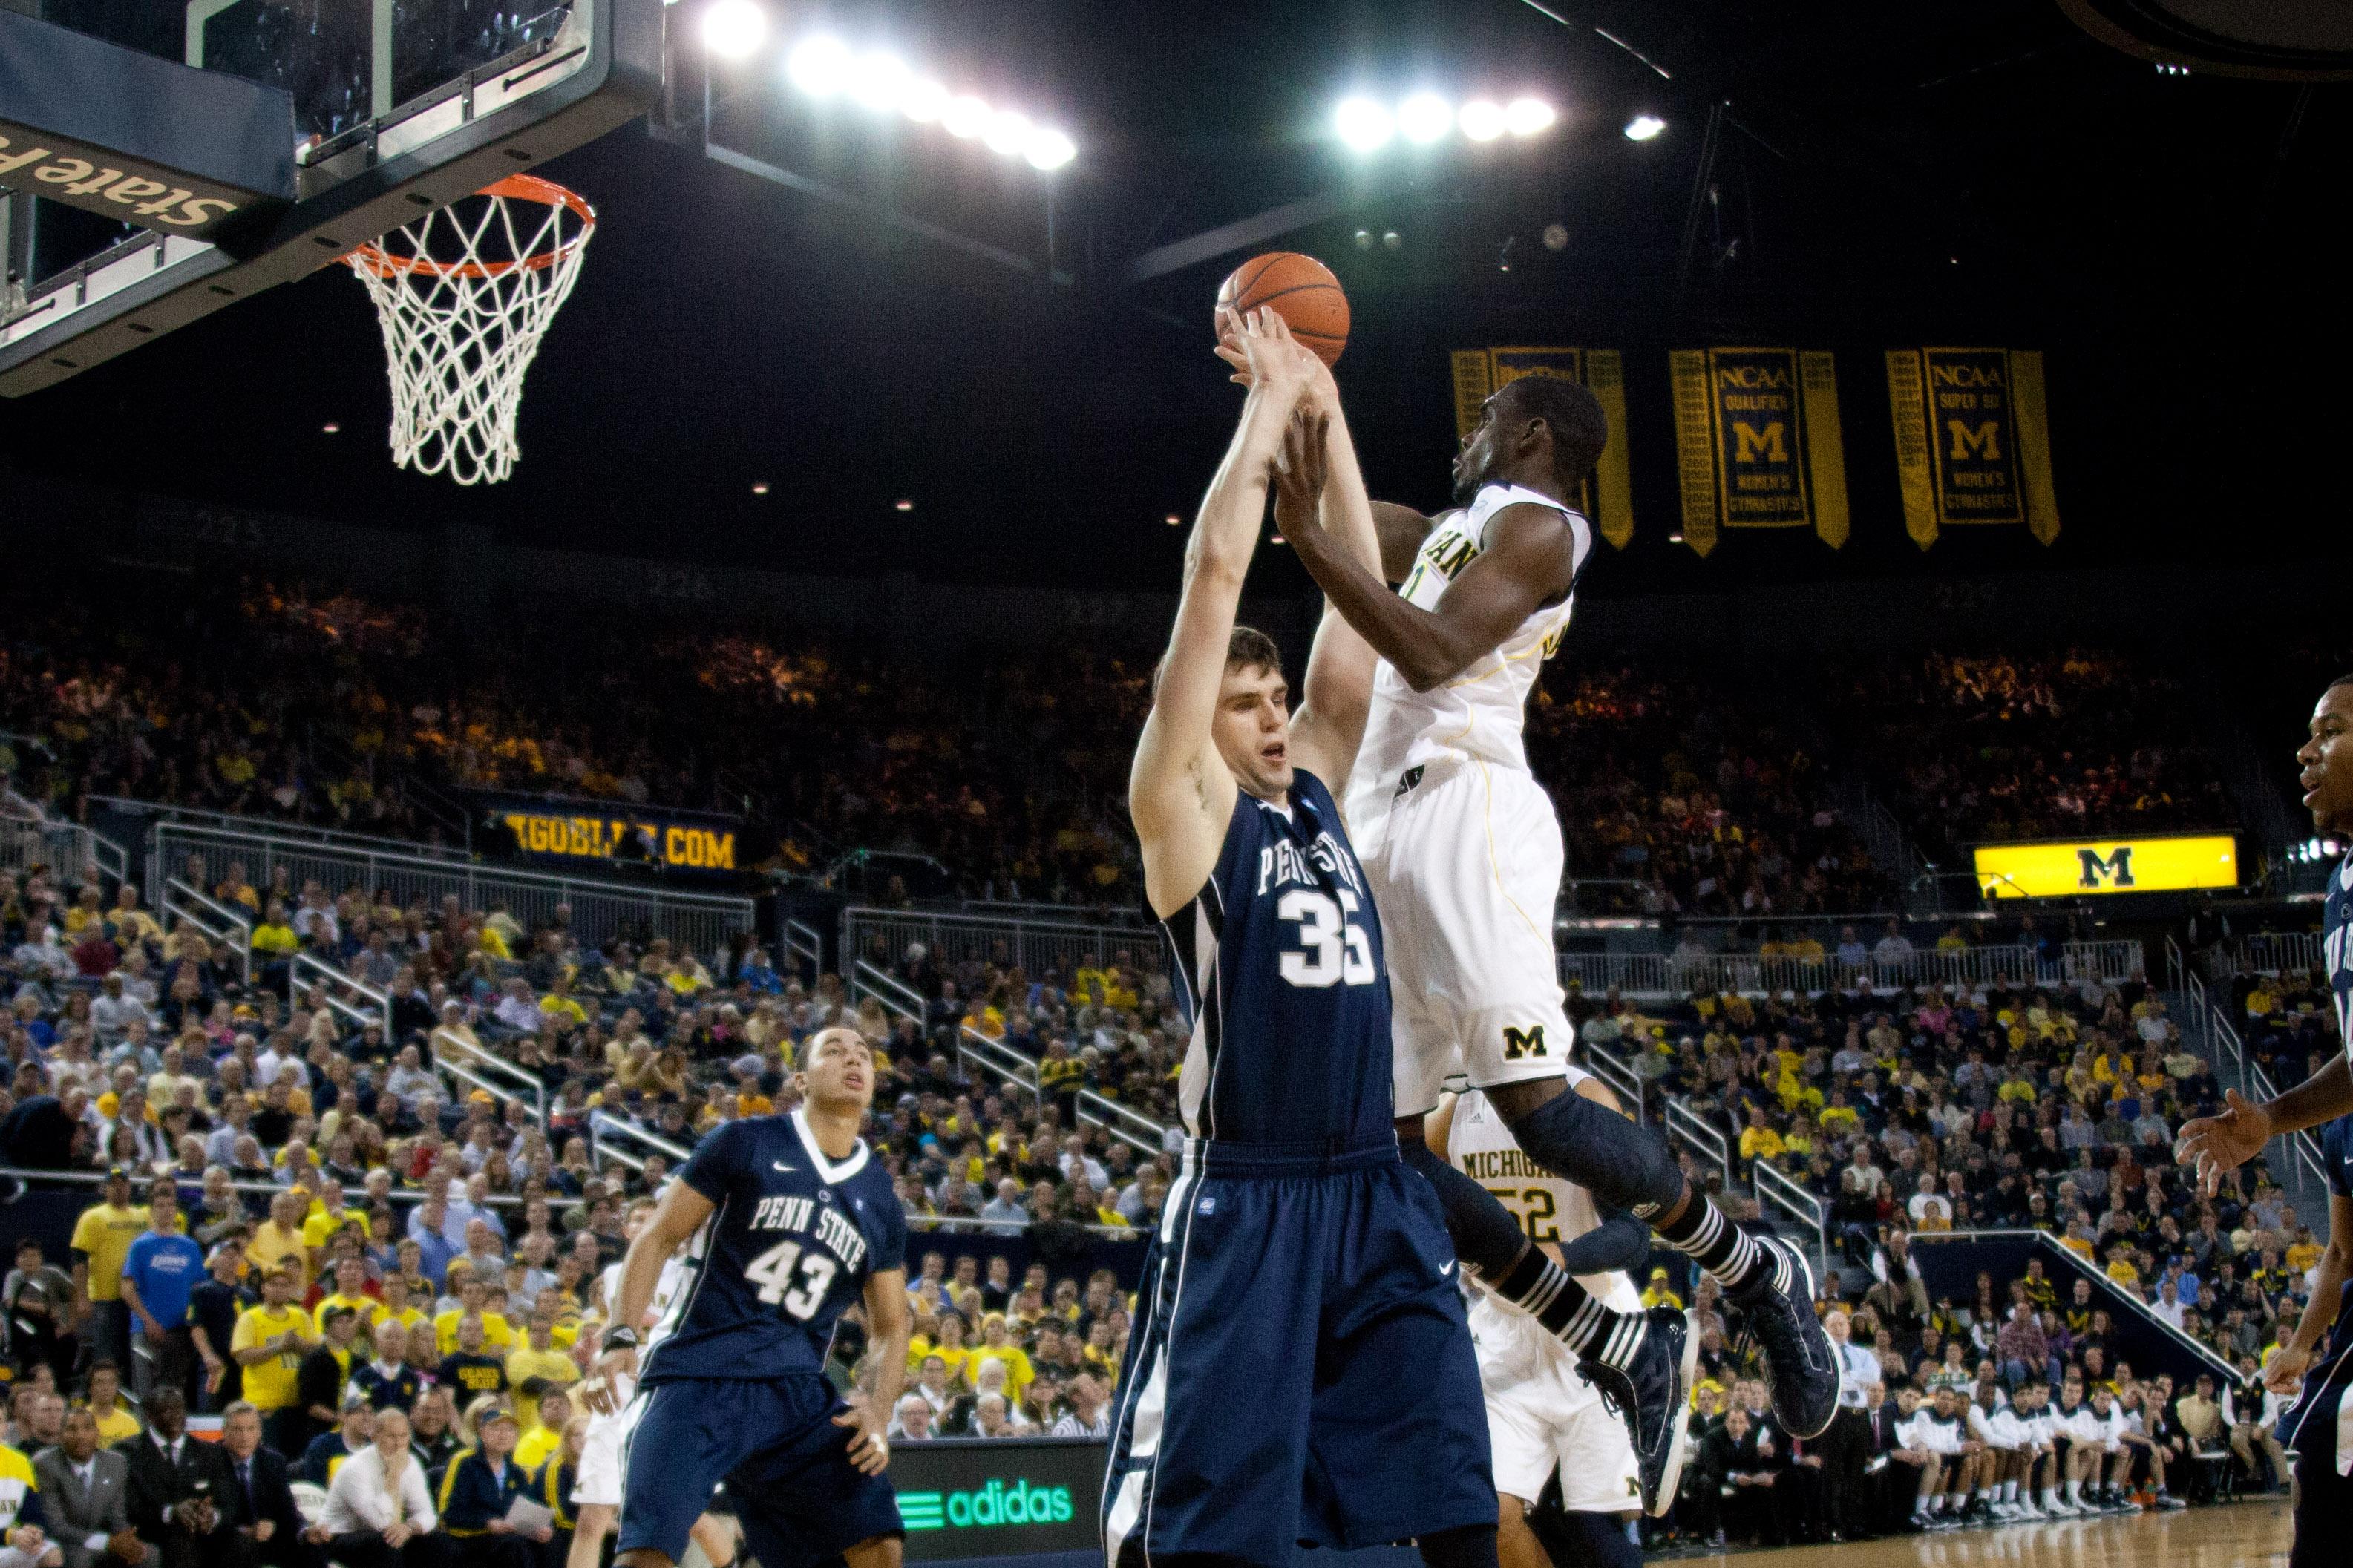 Penn State at Michigan 19